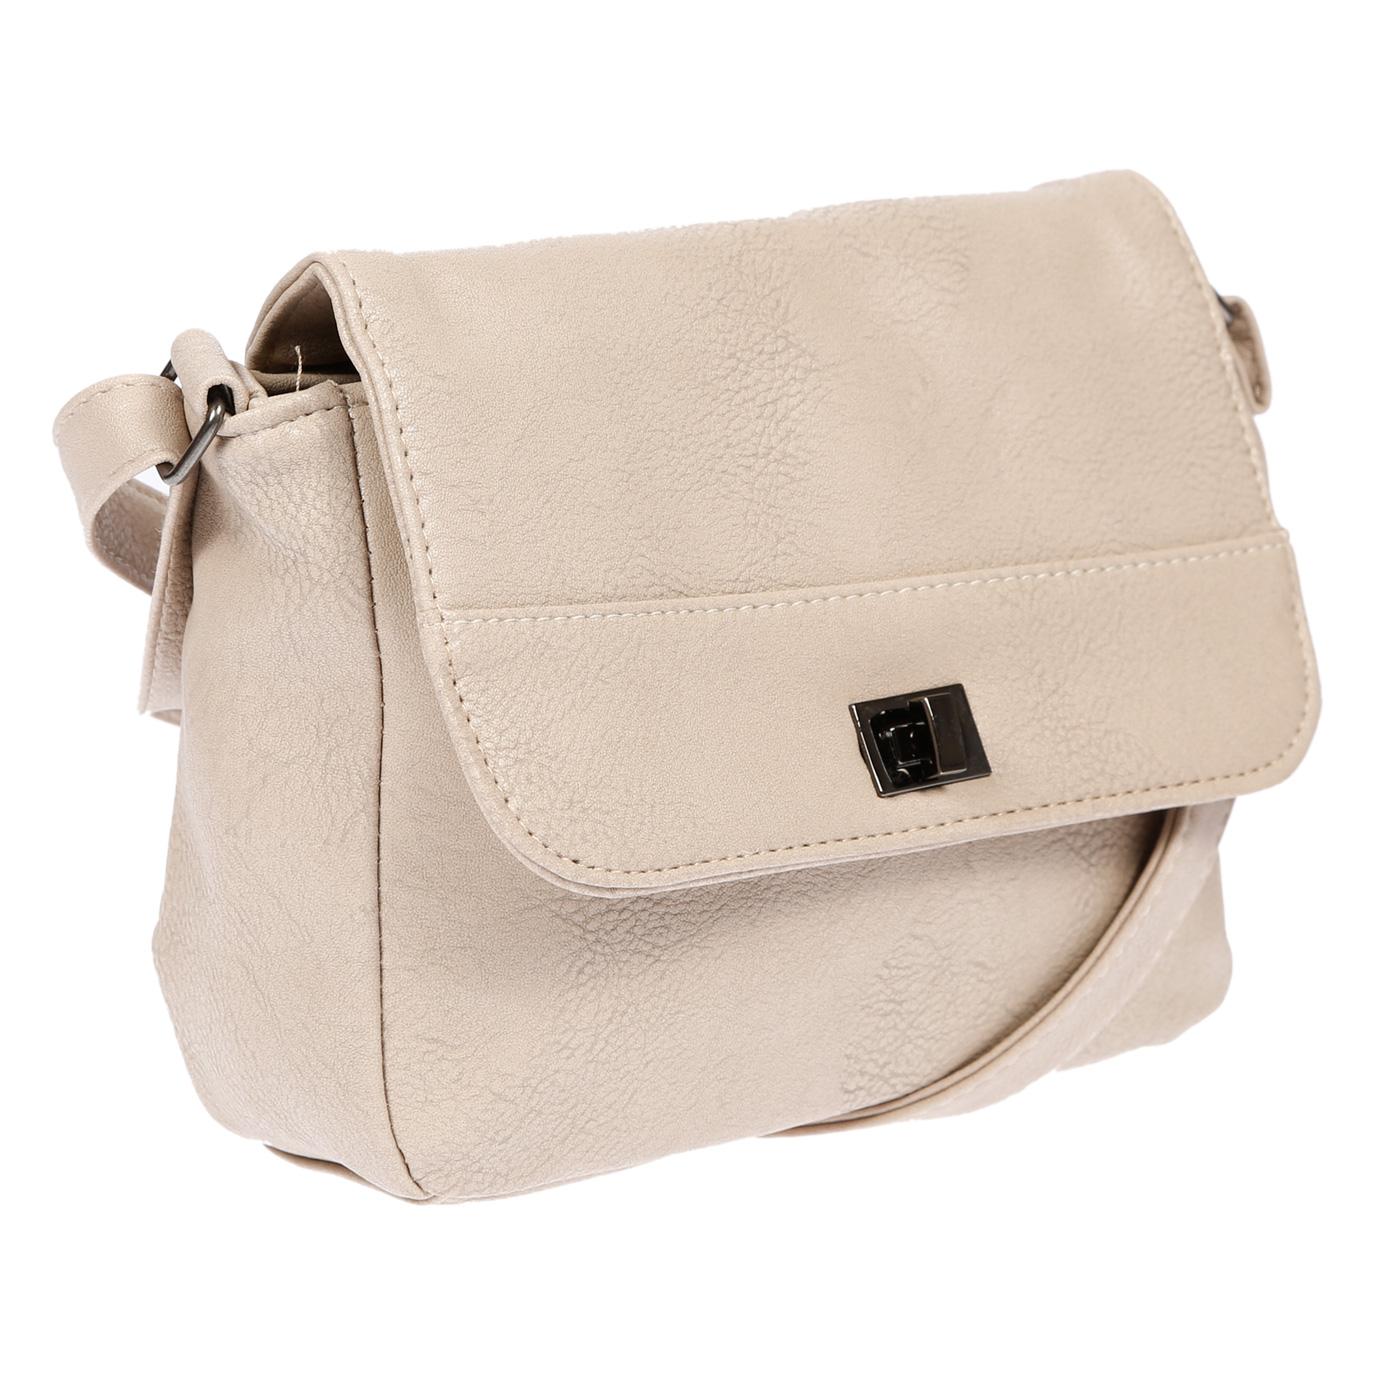 Kleine-Damen-Tasche-Umhaengetasche-Schultertasche-Crossover-Bag-Leder-Optik-NEU Indexbild 22